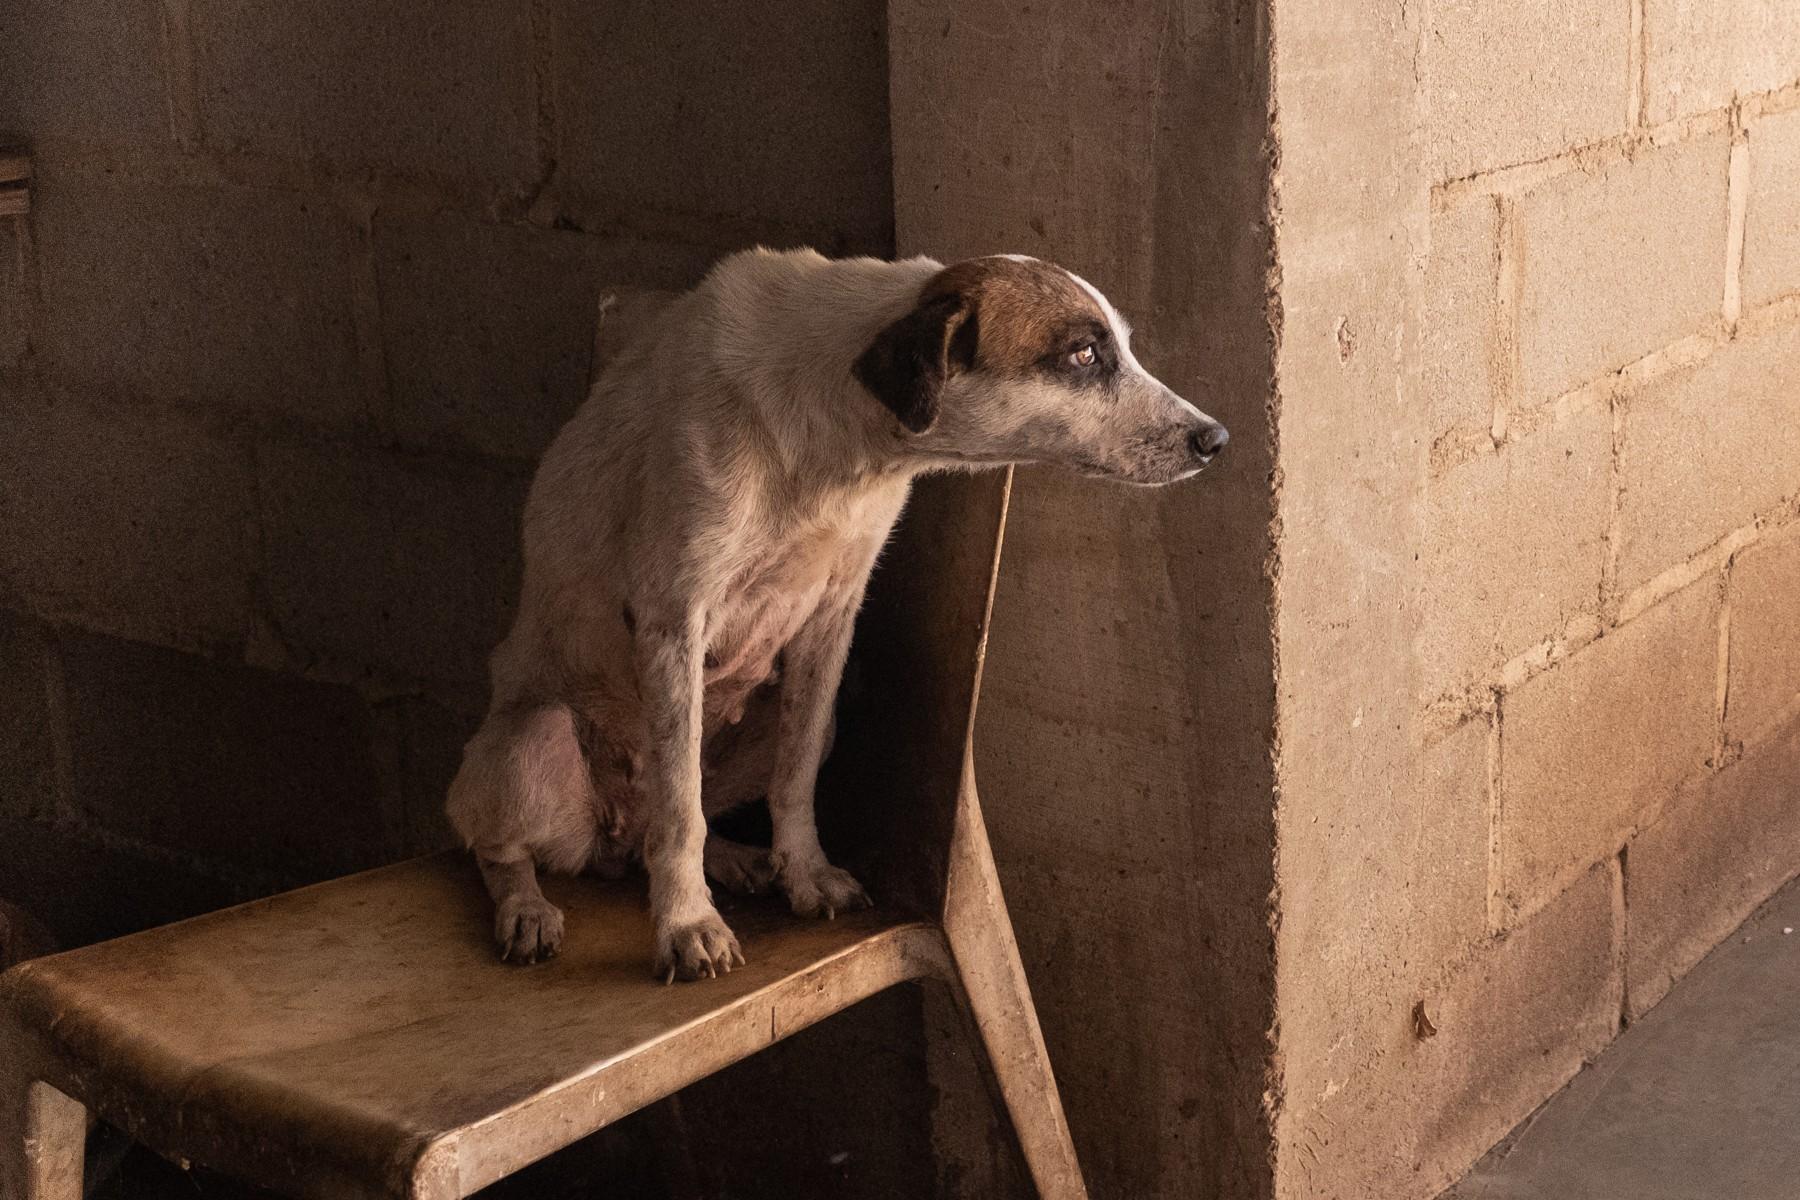 boston-dog-photographer-cartagena-colombia-animal-shelter-dog-rescue